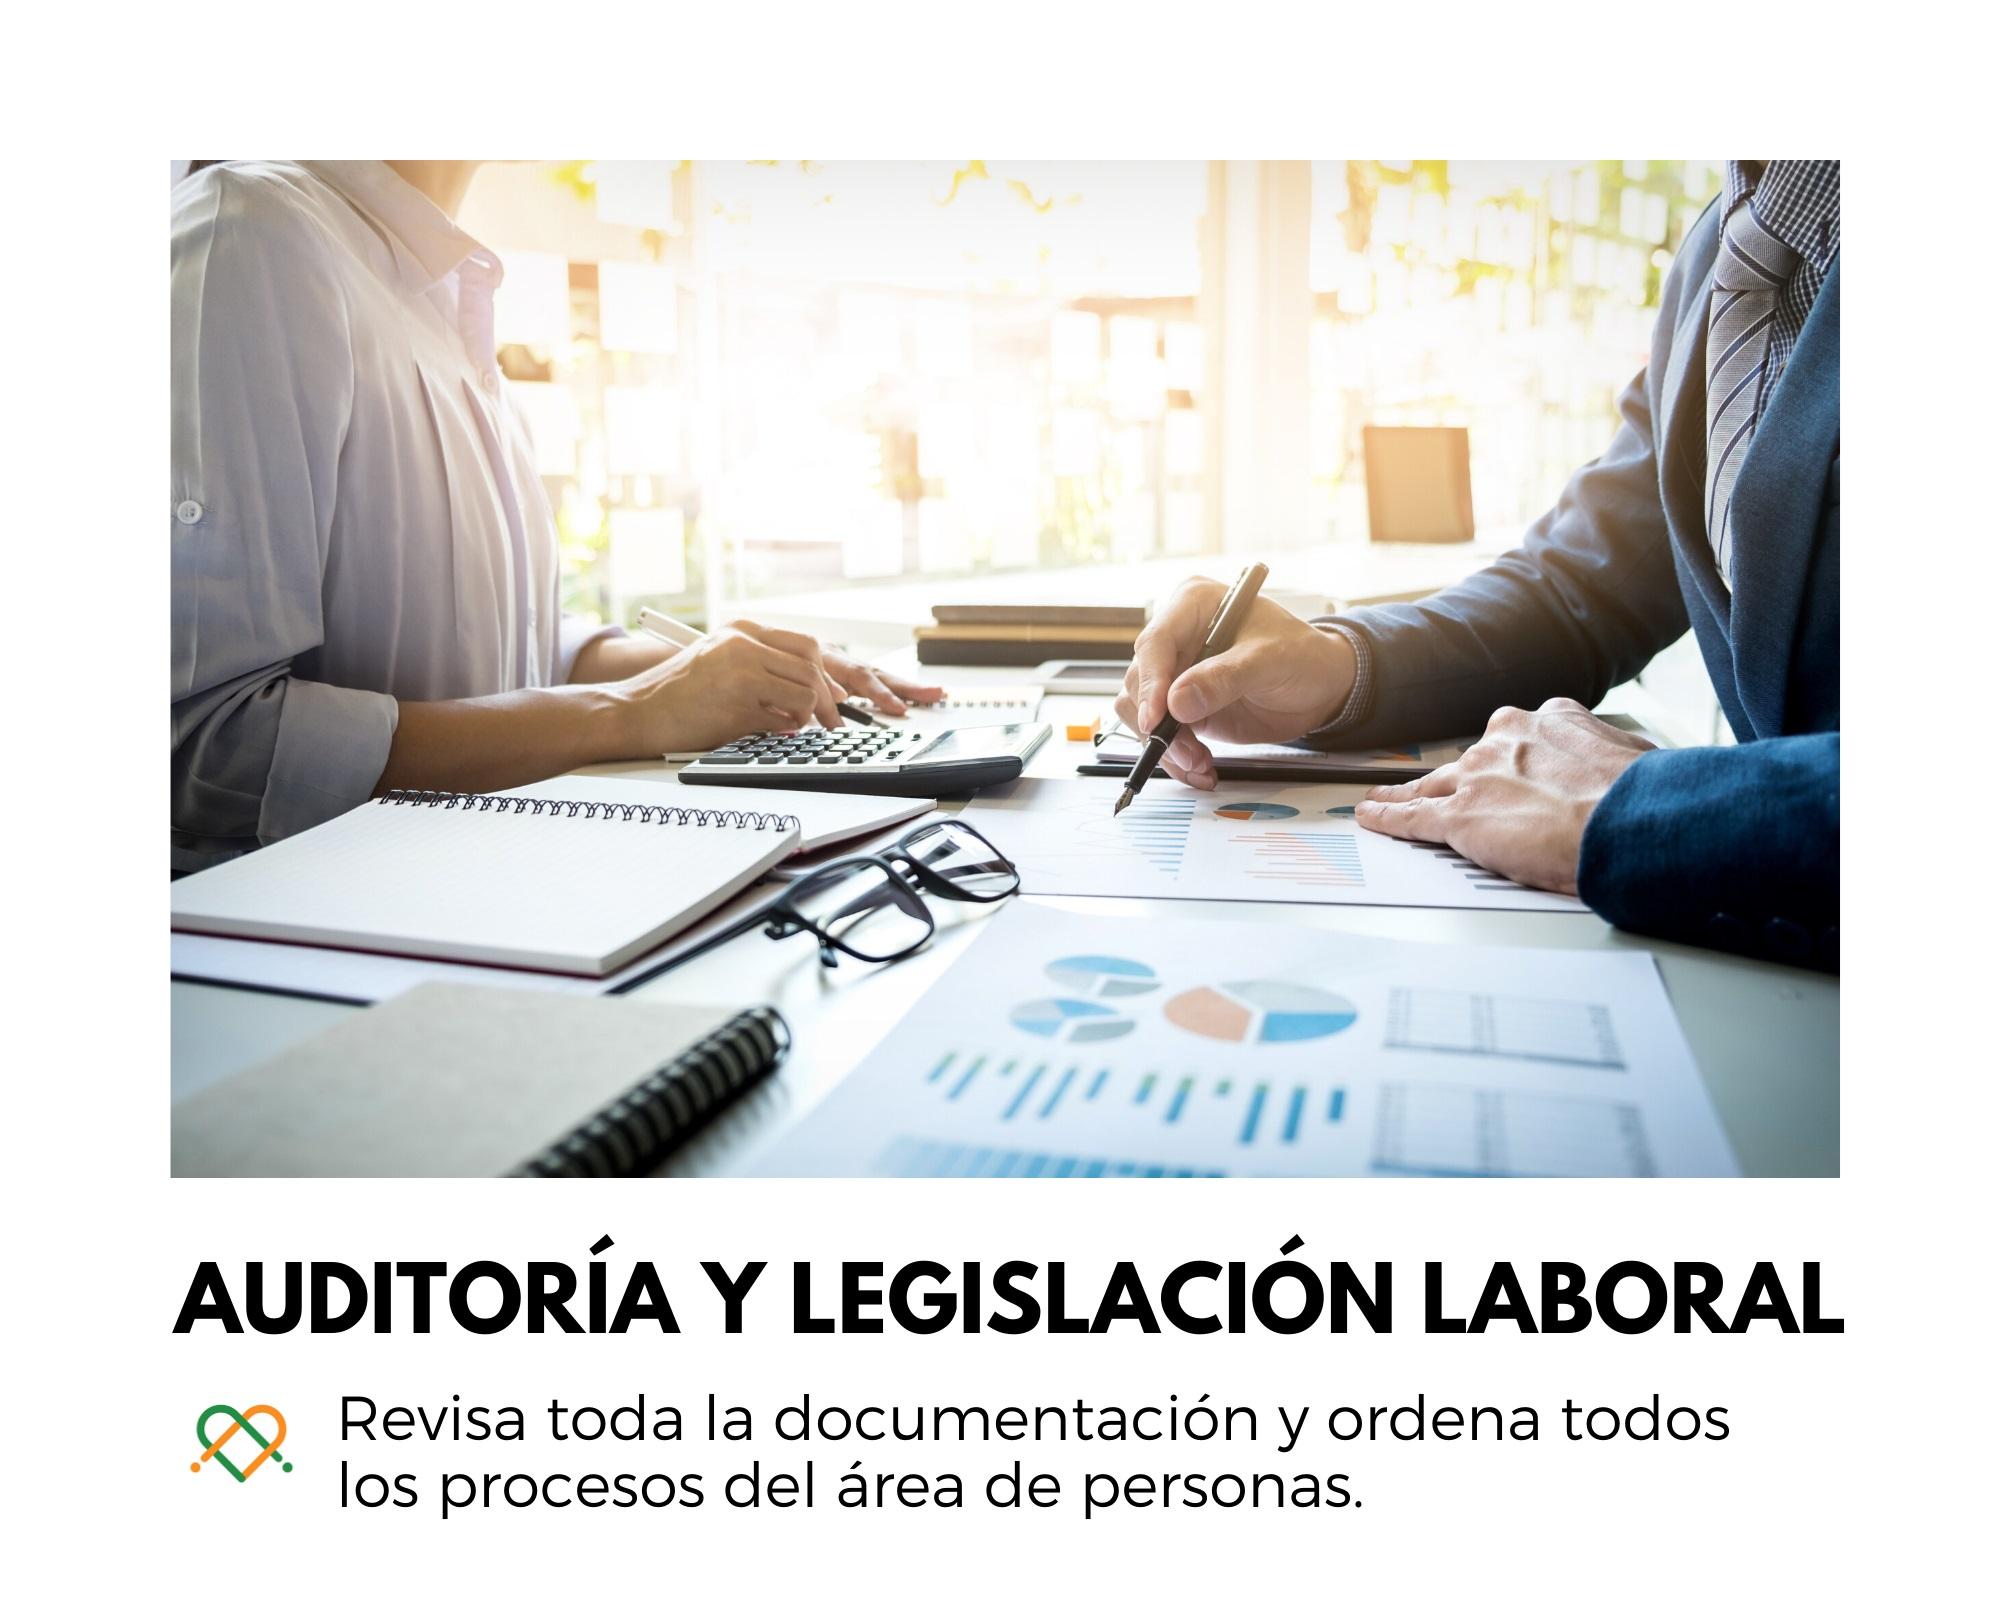 Auditoria y Legislación Laboral